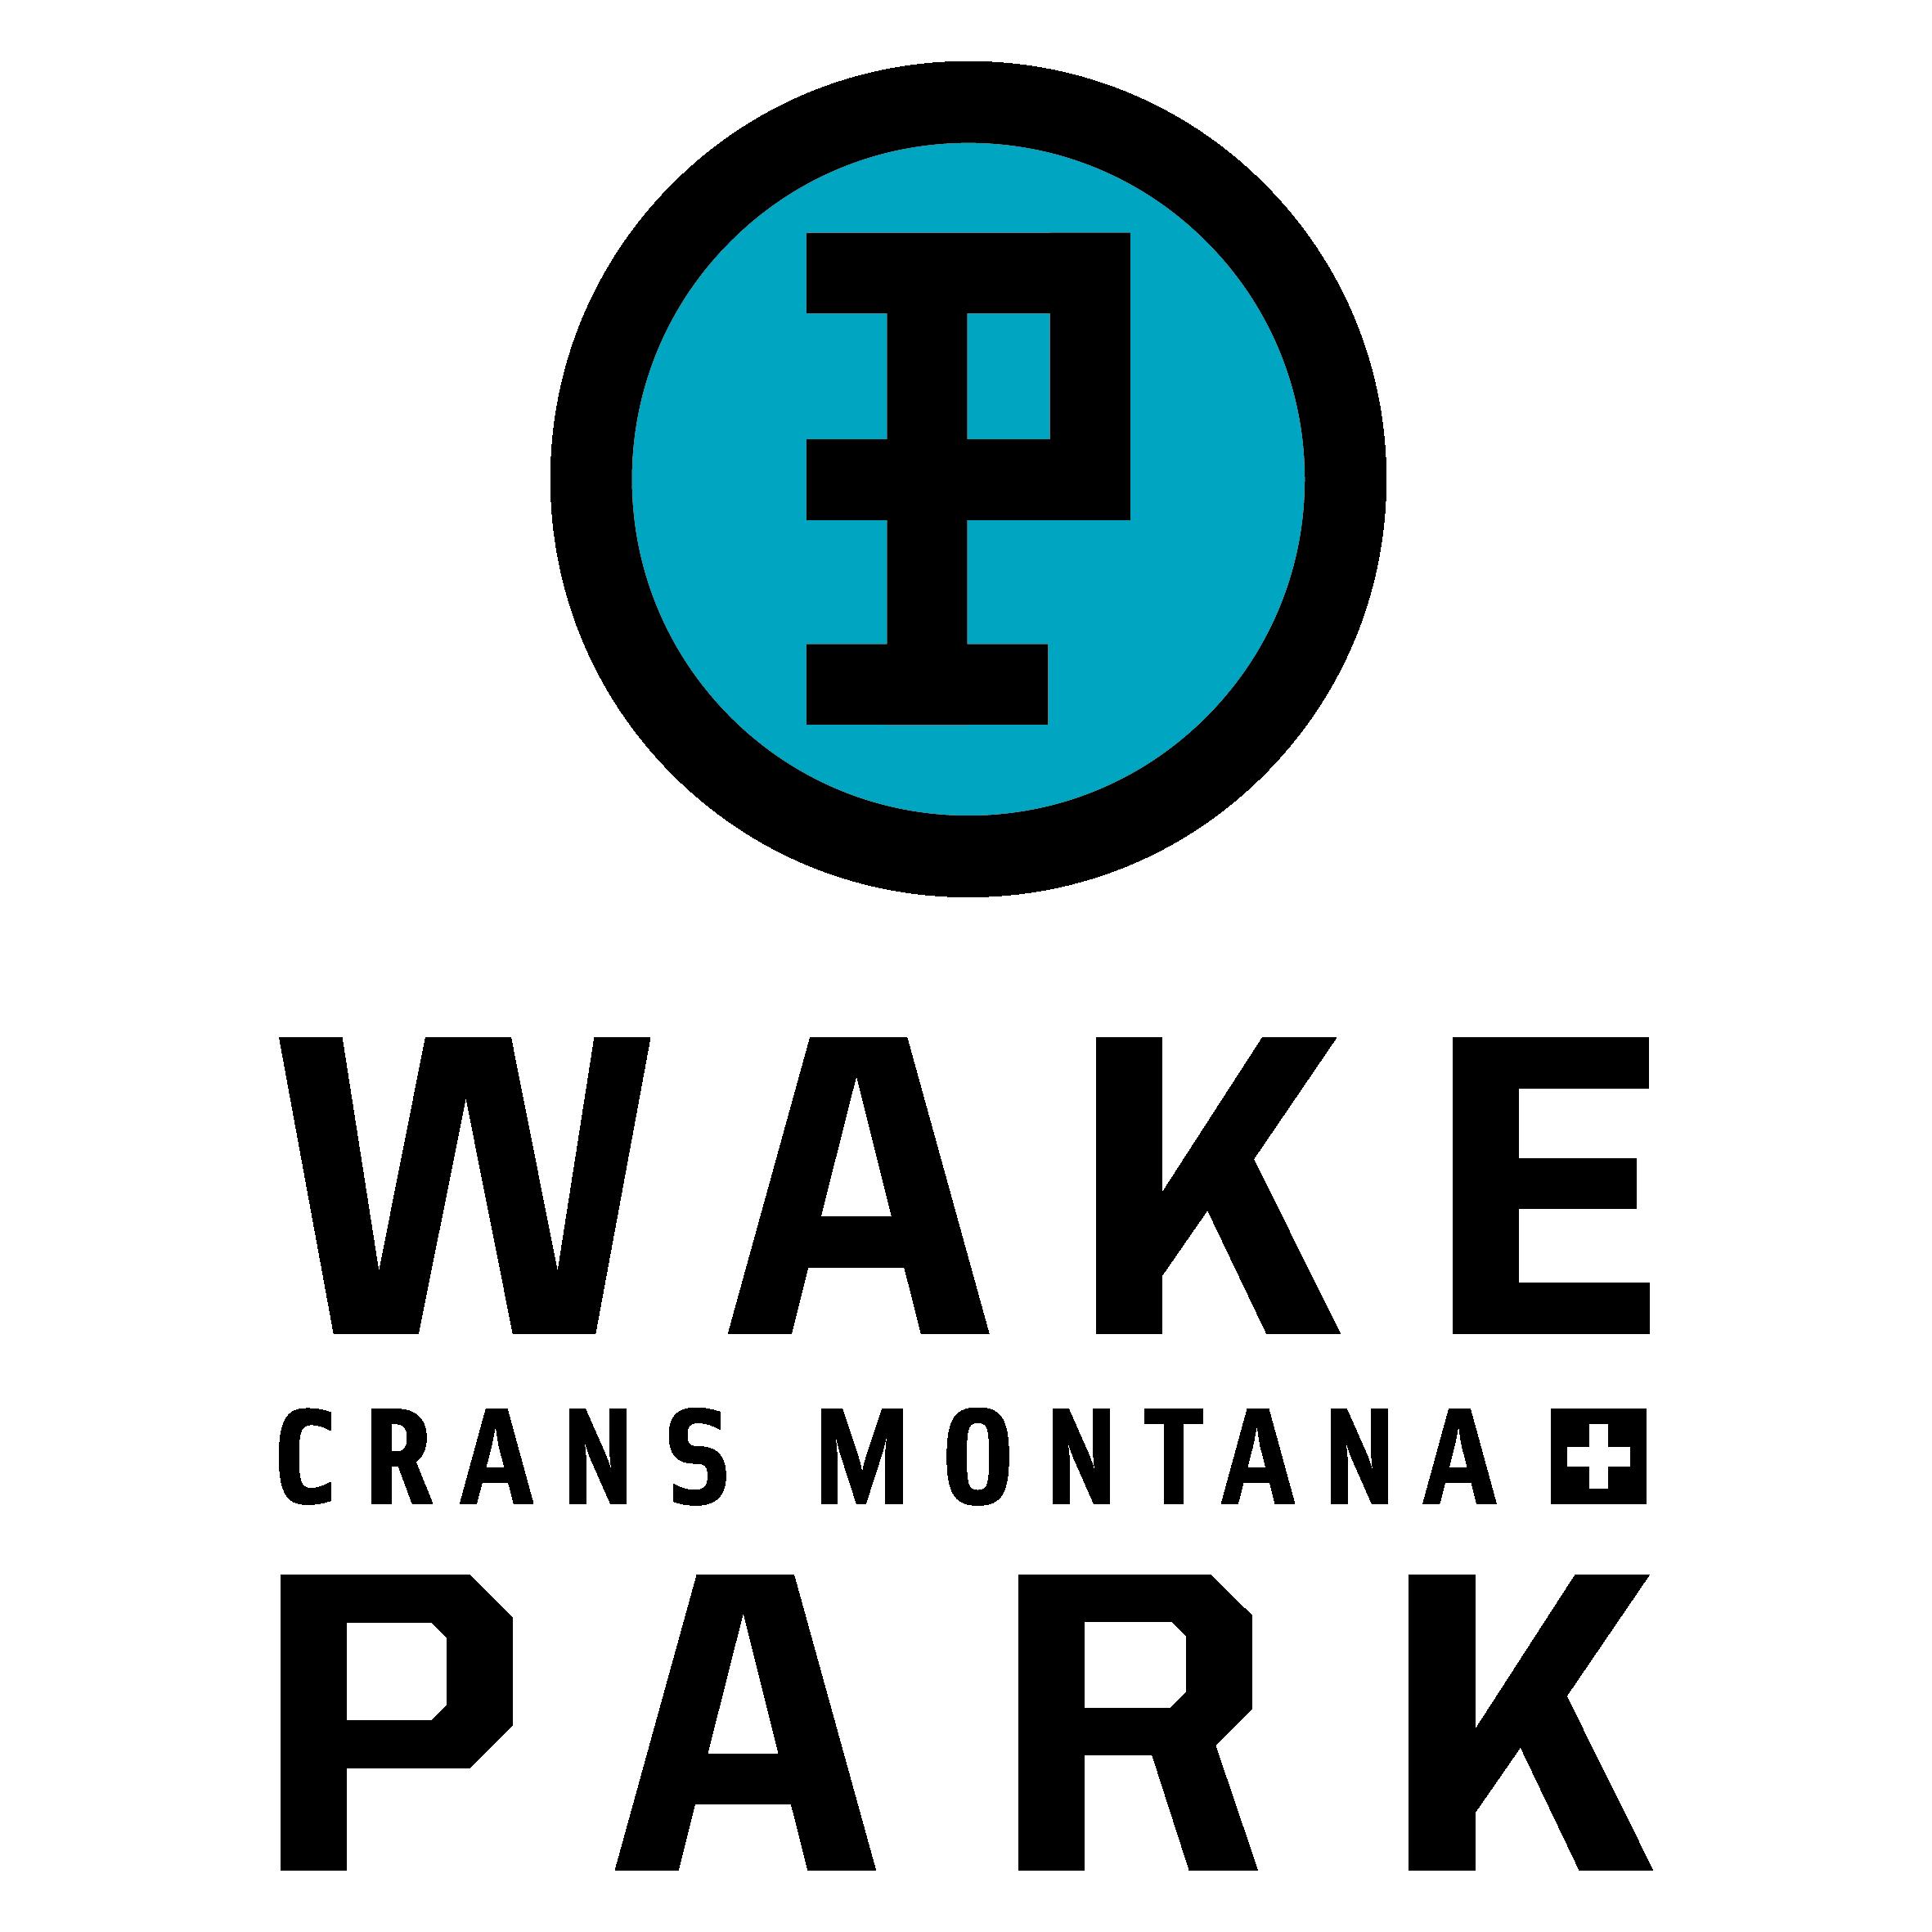 WAKEPARK-01.png